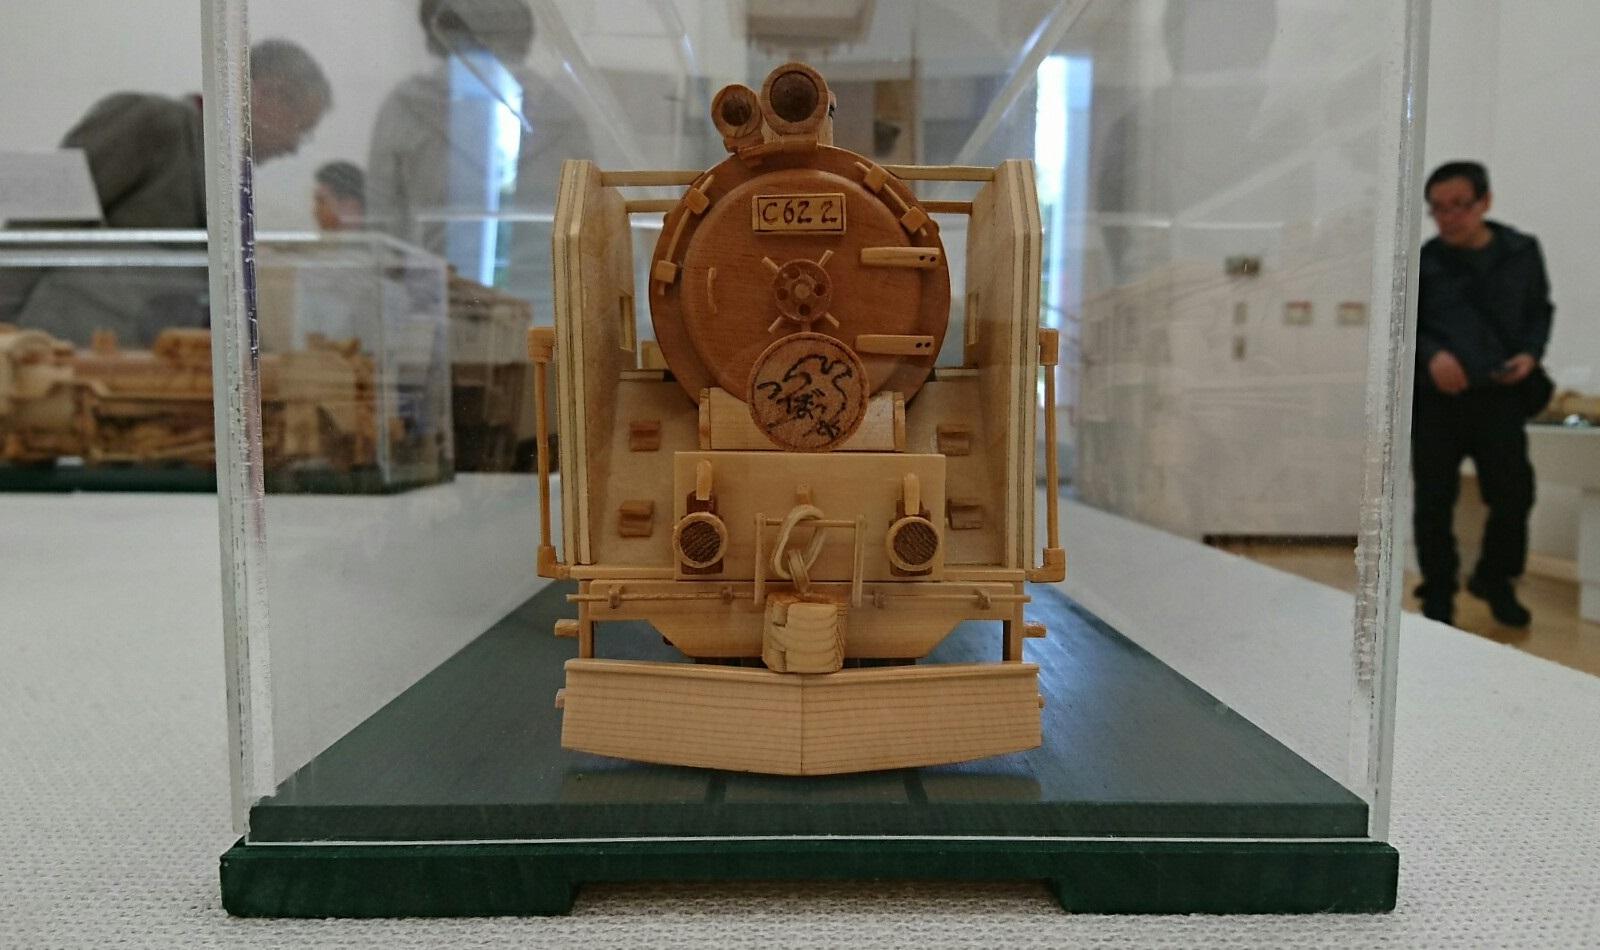 2018.3.24 木工細工蒸気機関車作品展 (10) C622 1600-950